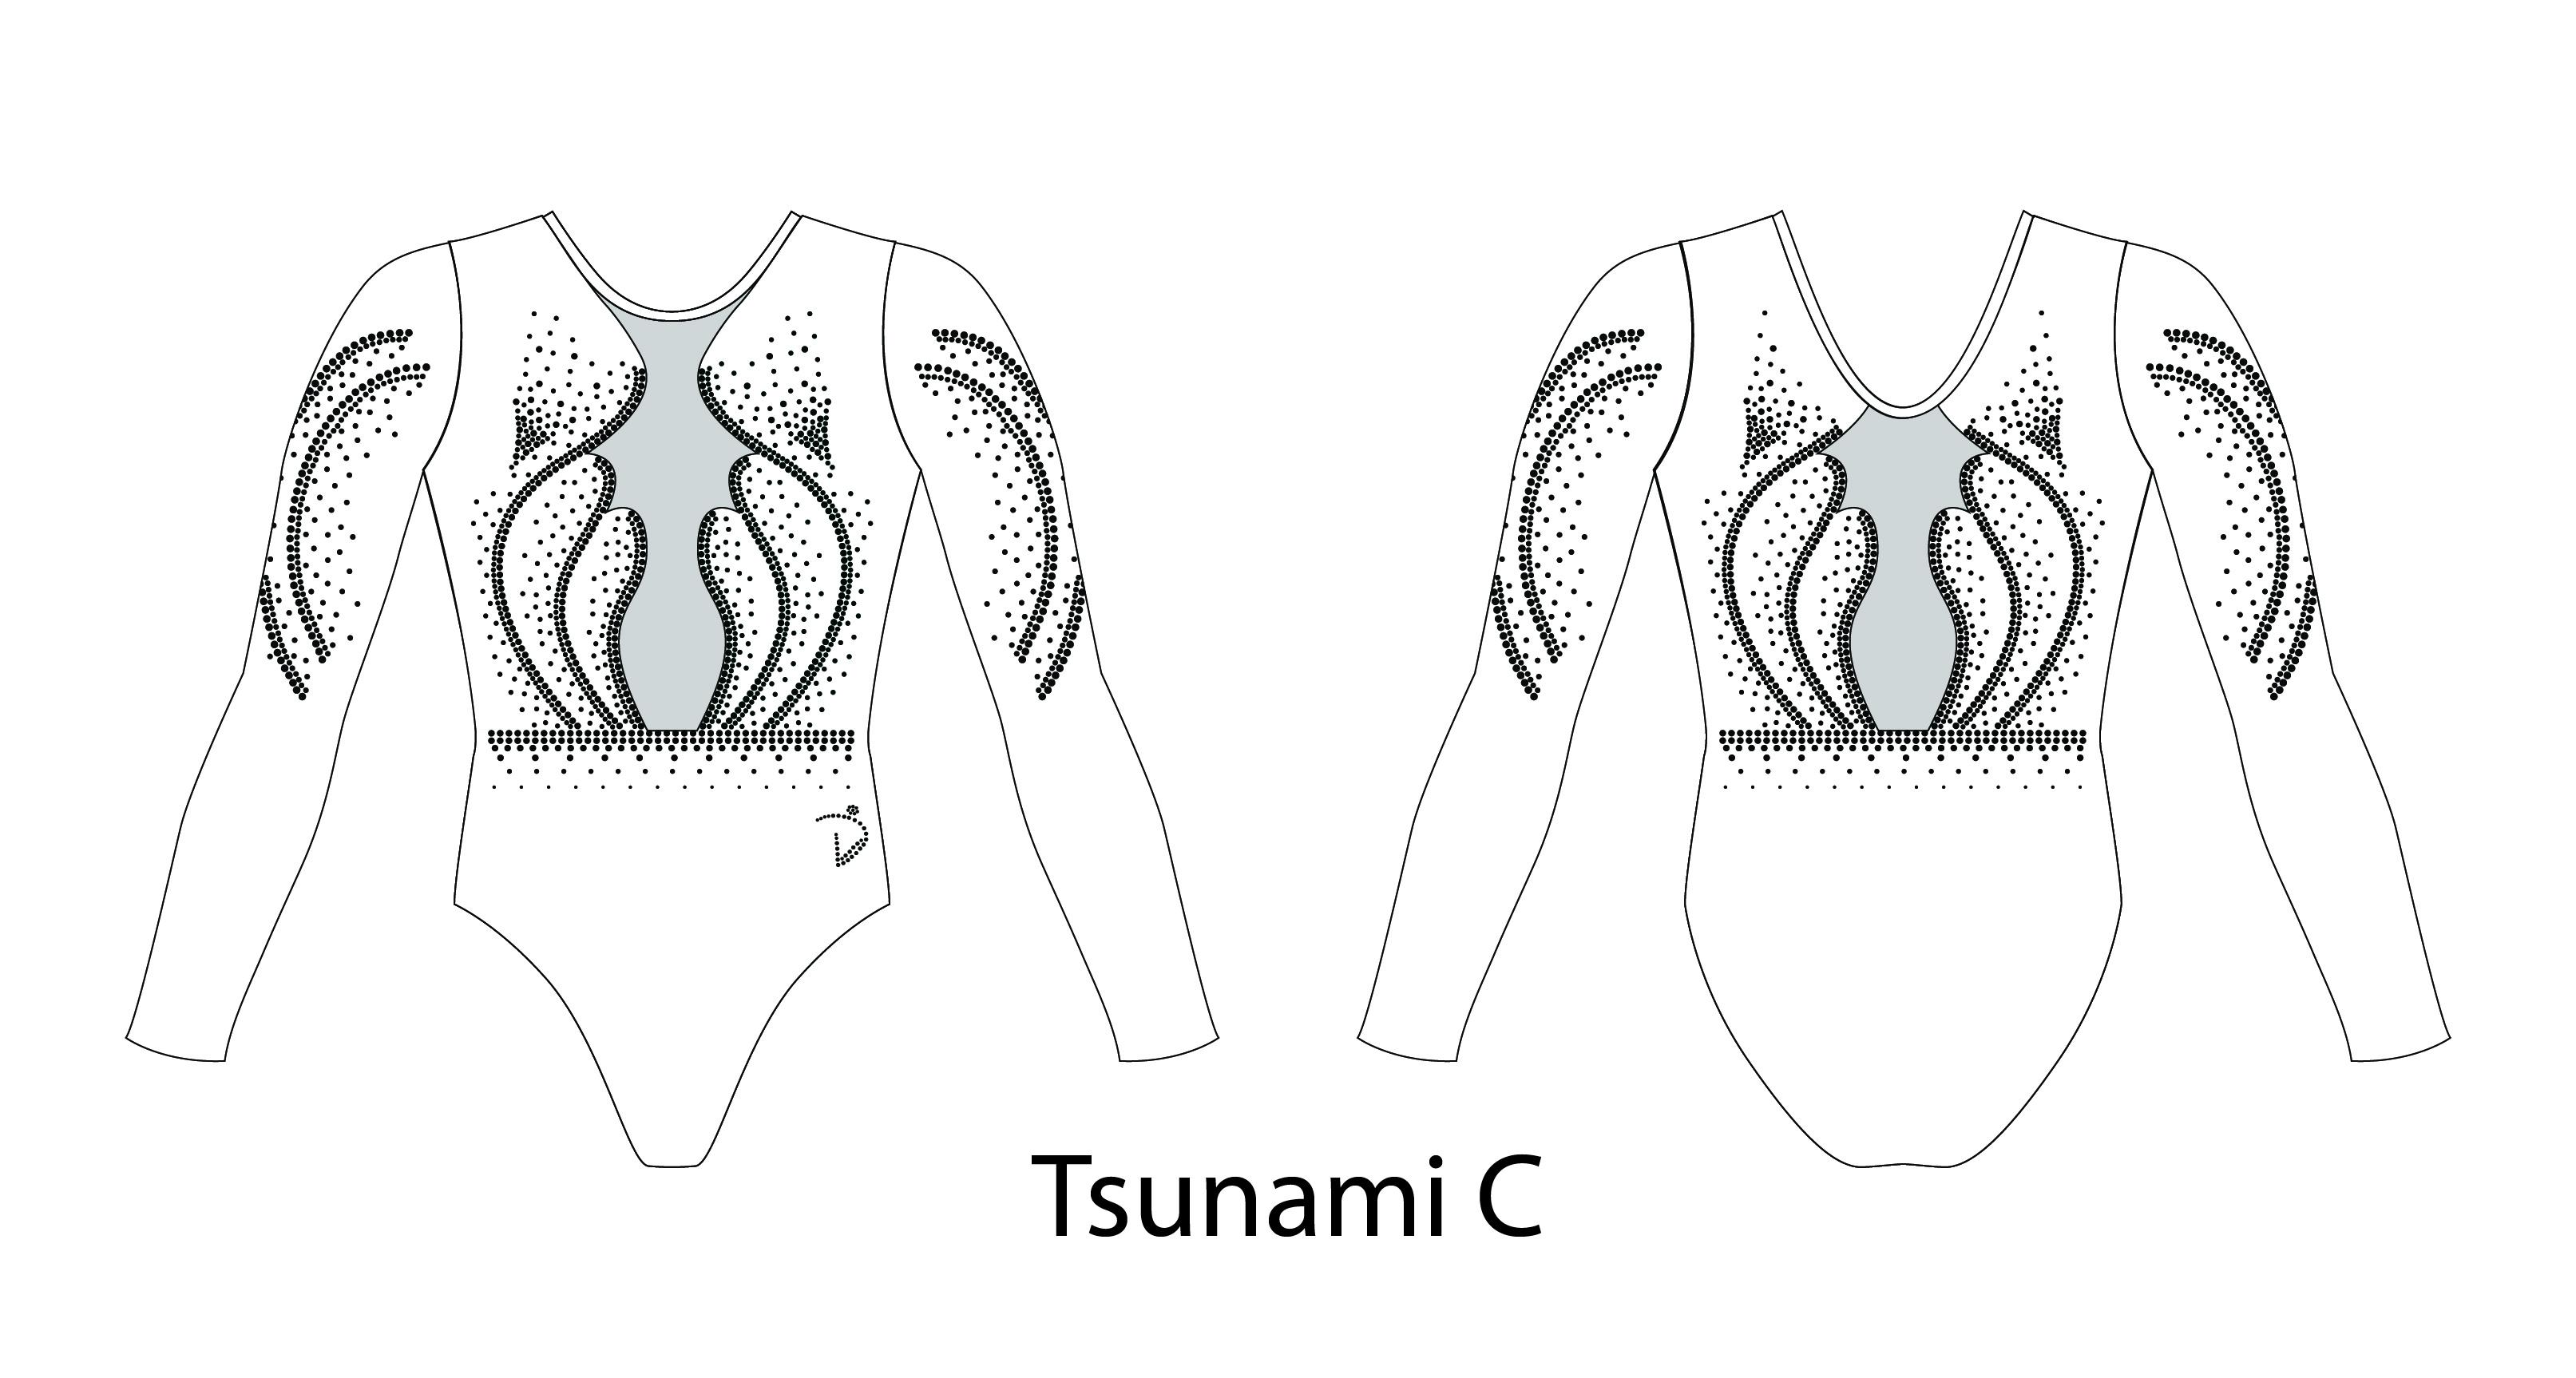 Tsunami C